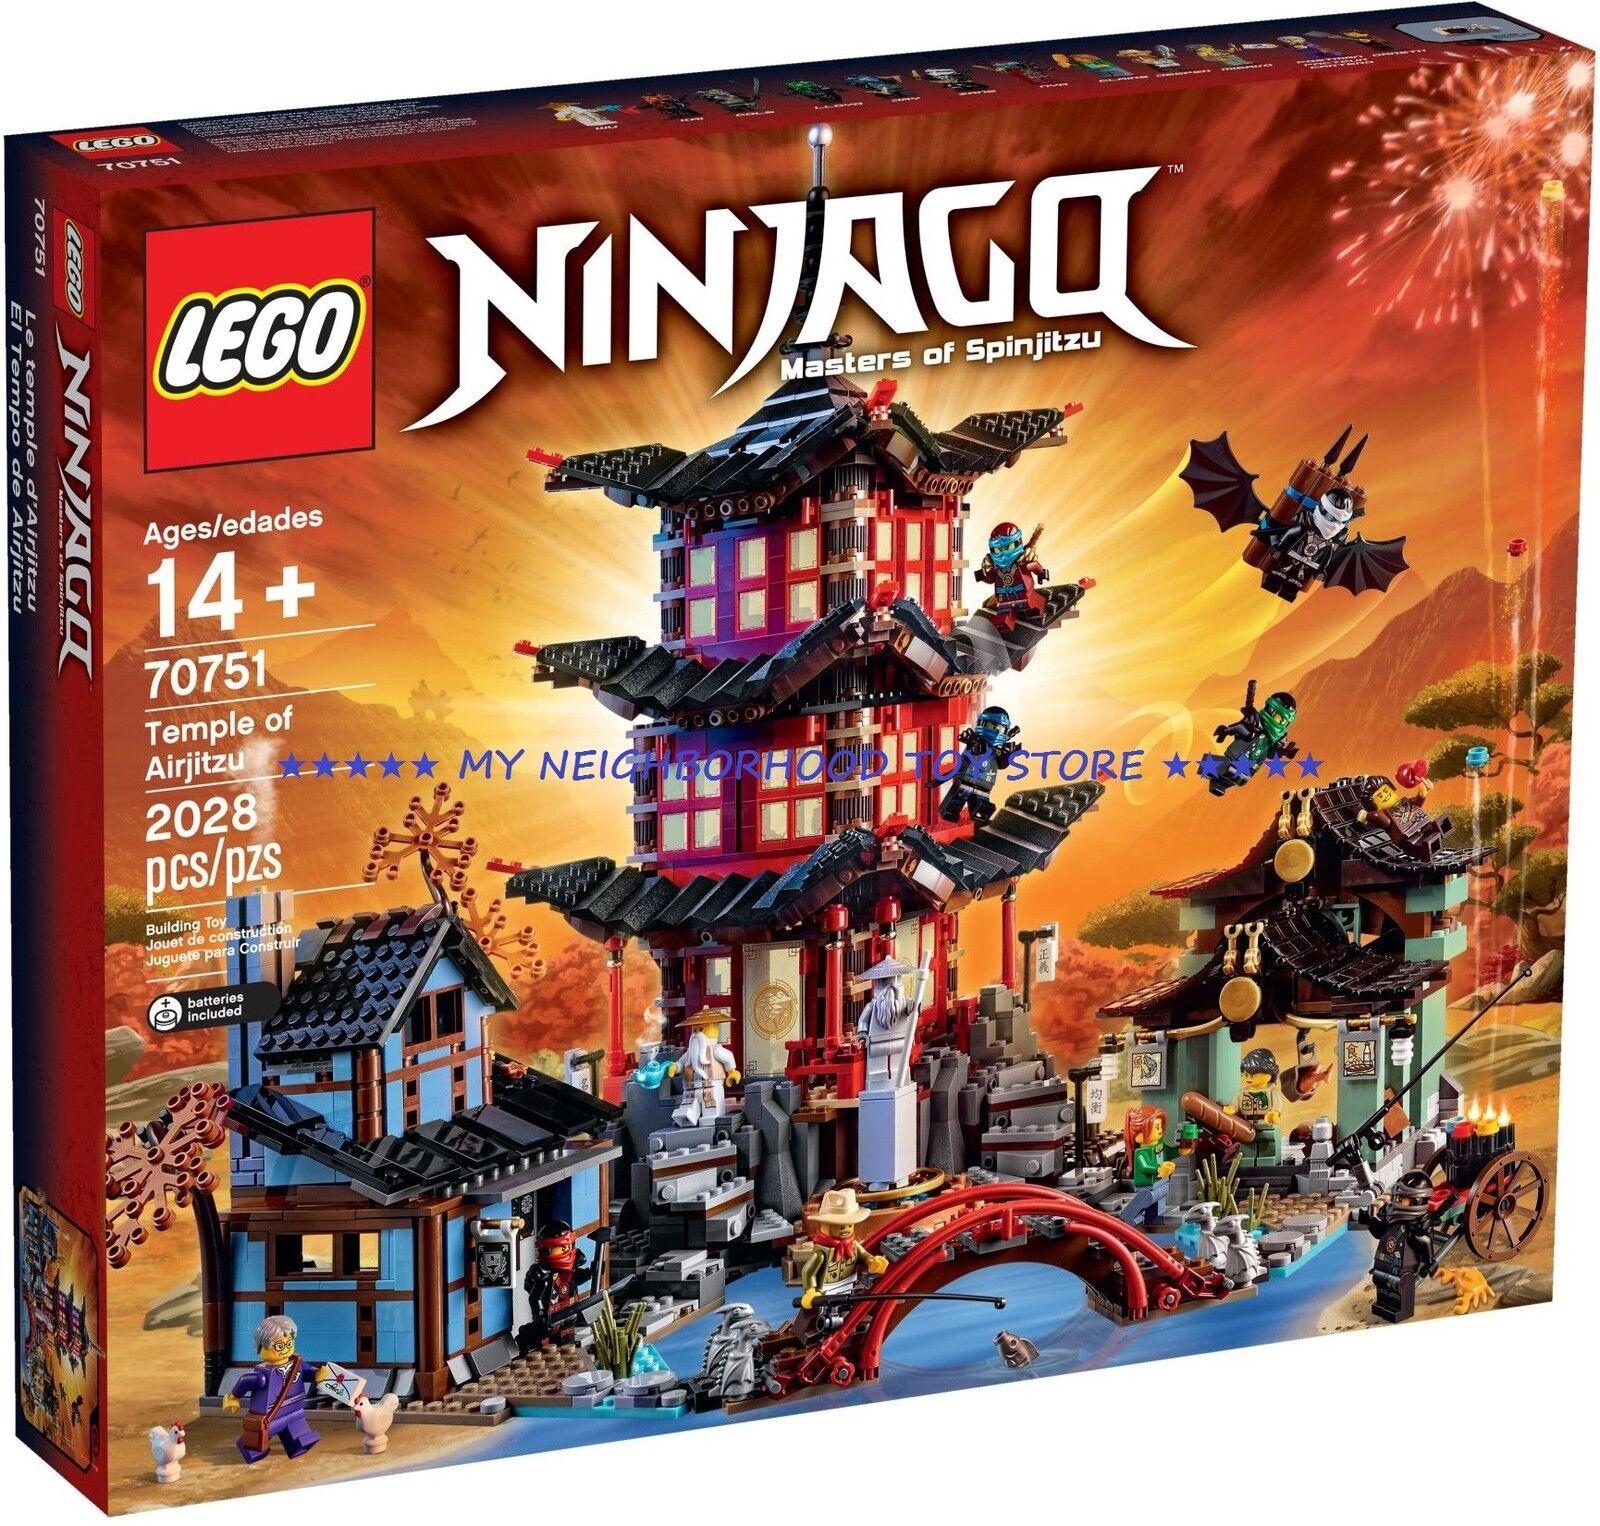 RETIrojo PRONTA CONSEGNA - LEGO 70751 NINJAGO IL TEMPIO DI AIRJITZU TEMPLE OF